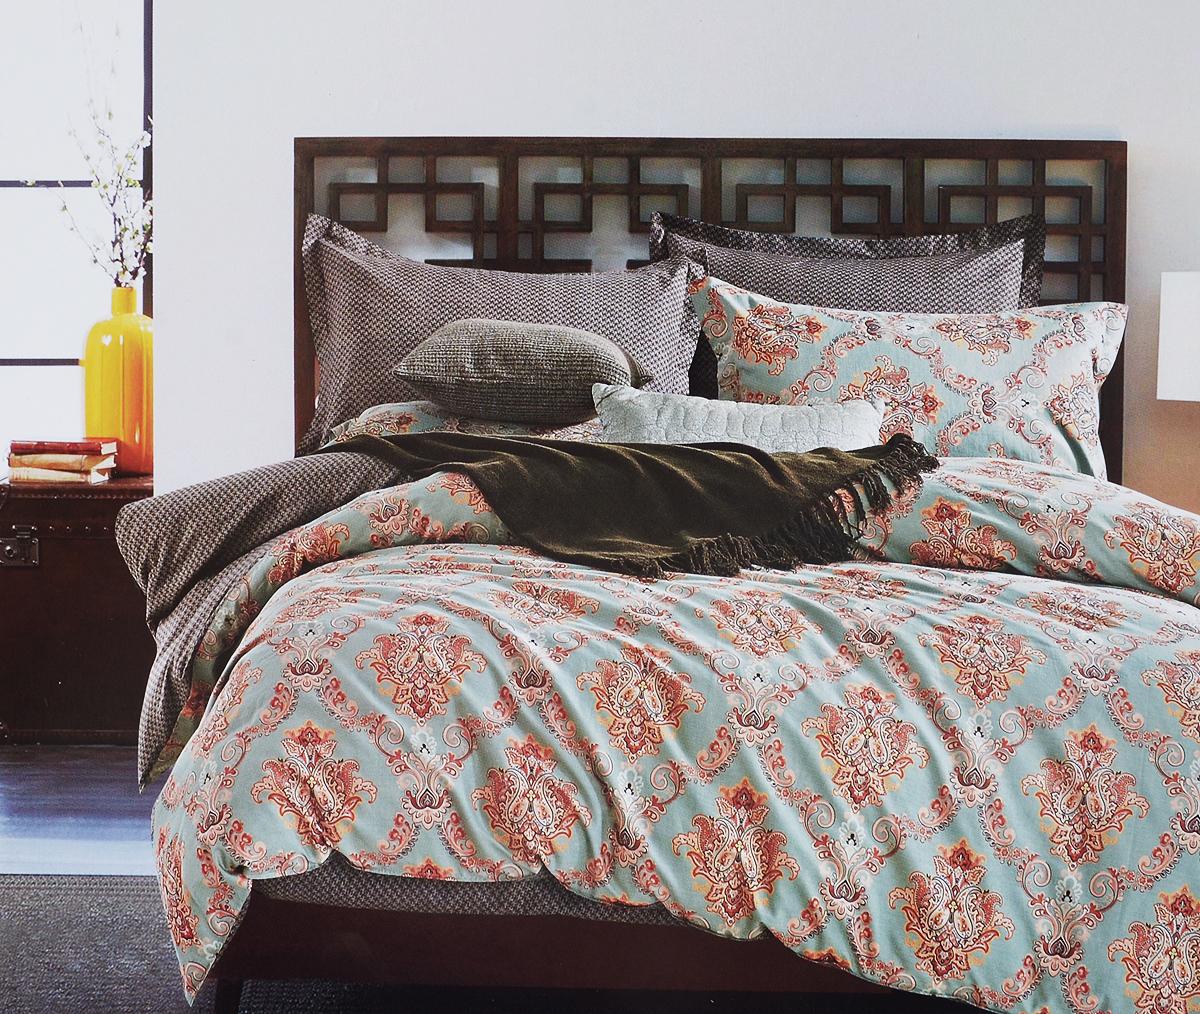 Комплект белья Arya Felisa, 2-спальный, наволочки 50х70, 70х70, цвет: голубой, оранжевыйTR1002011Роскошный комплект постельного белья Arya Felisa состоит из пододеяльника, простыни и 4 наволочек, выполненных из сатина (100% хлопка). Сатин - прочная и плотная ткань с диагональным переплетением нитей. Сатиновое постельное белье легко переносит стирку в горячей воде, не выцветает, не соскальзывает с кровати и приятно на ощупь.Благодаря такому комплекту постельного белья вы создадите неповторимую атмосферу в вашей спальне.